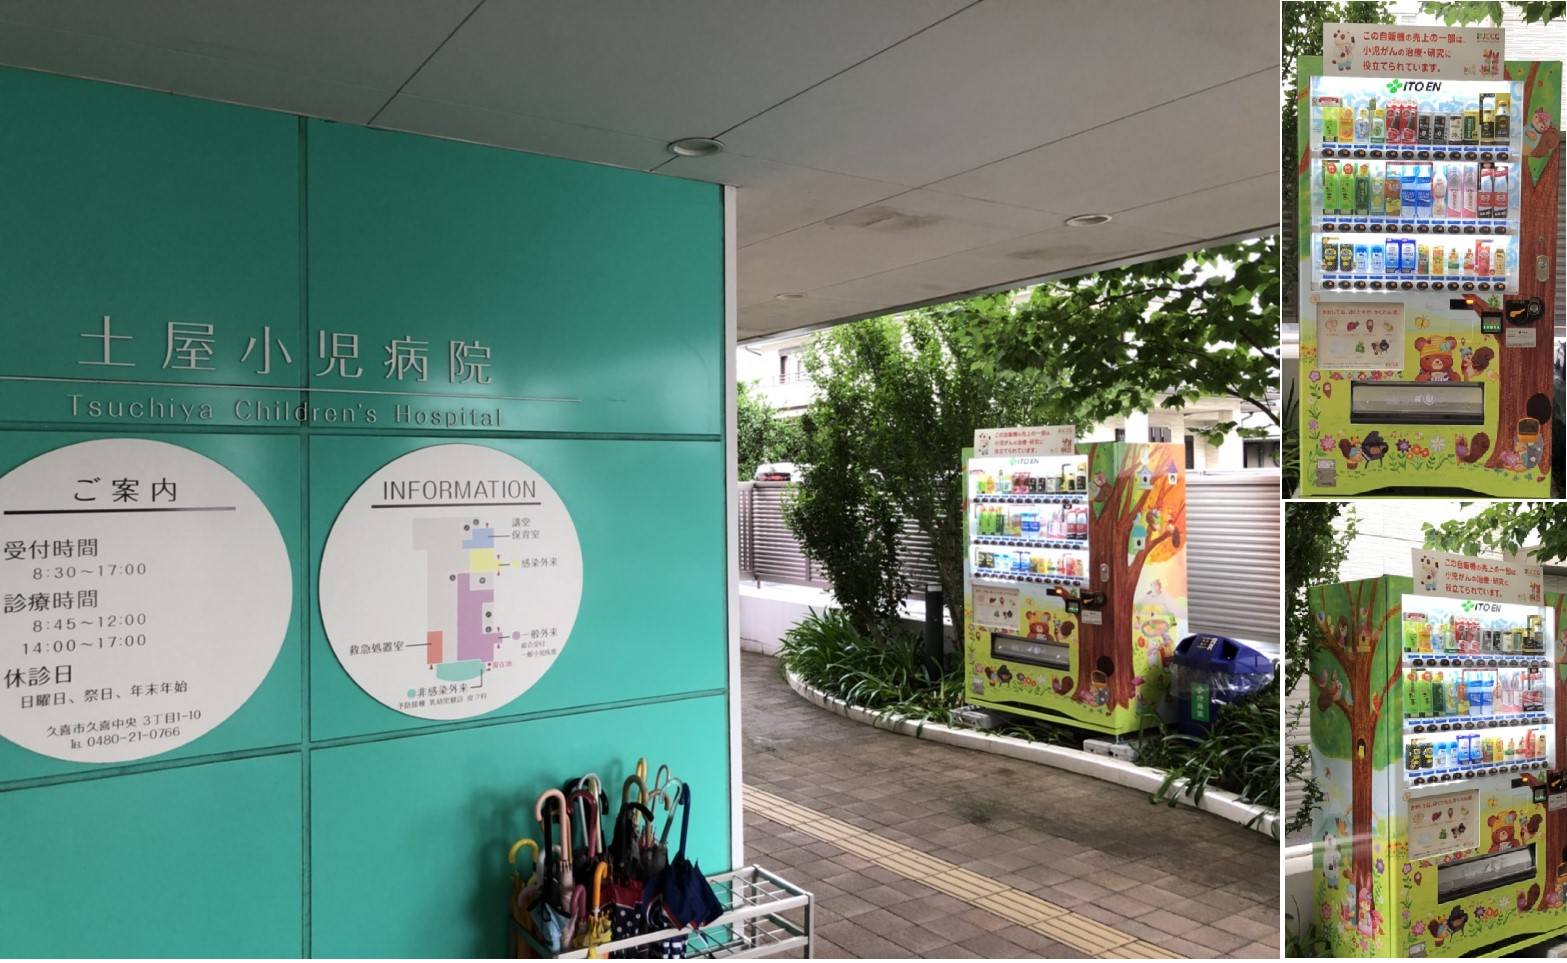 【土屋小児病院 様】(埼玉県)